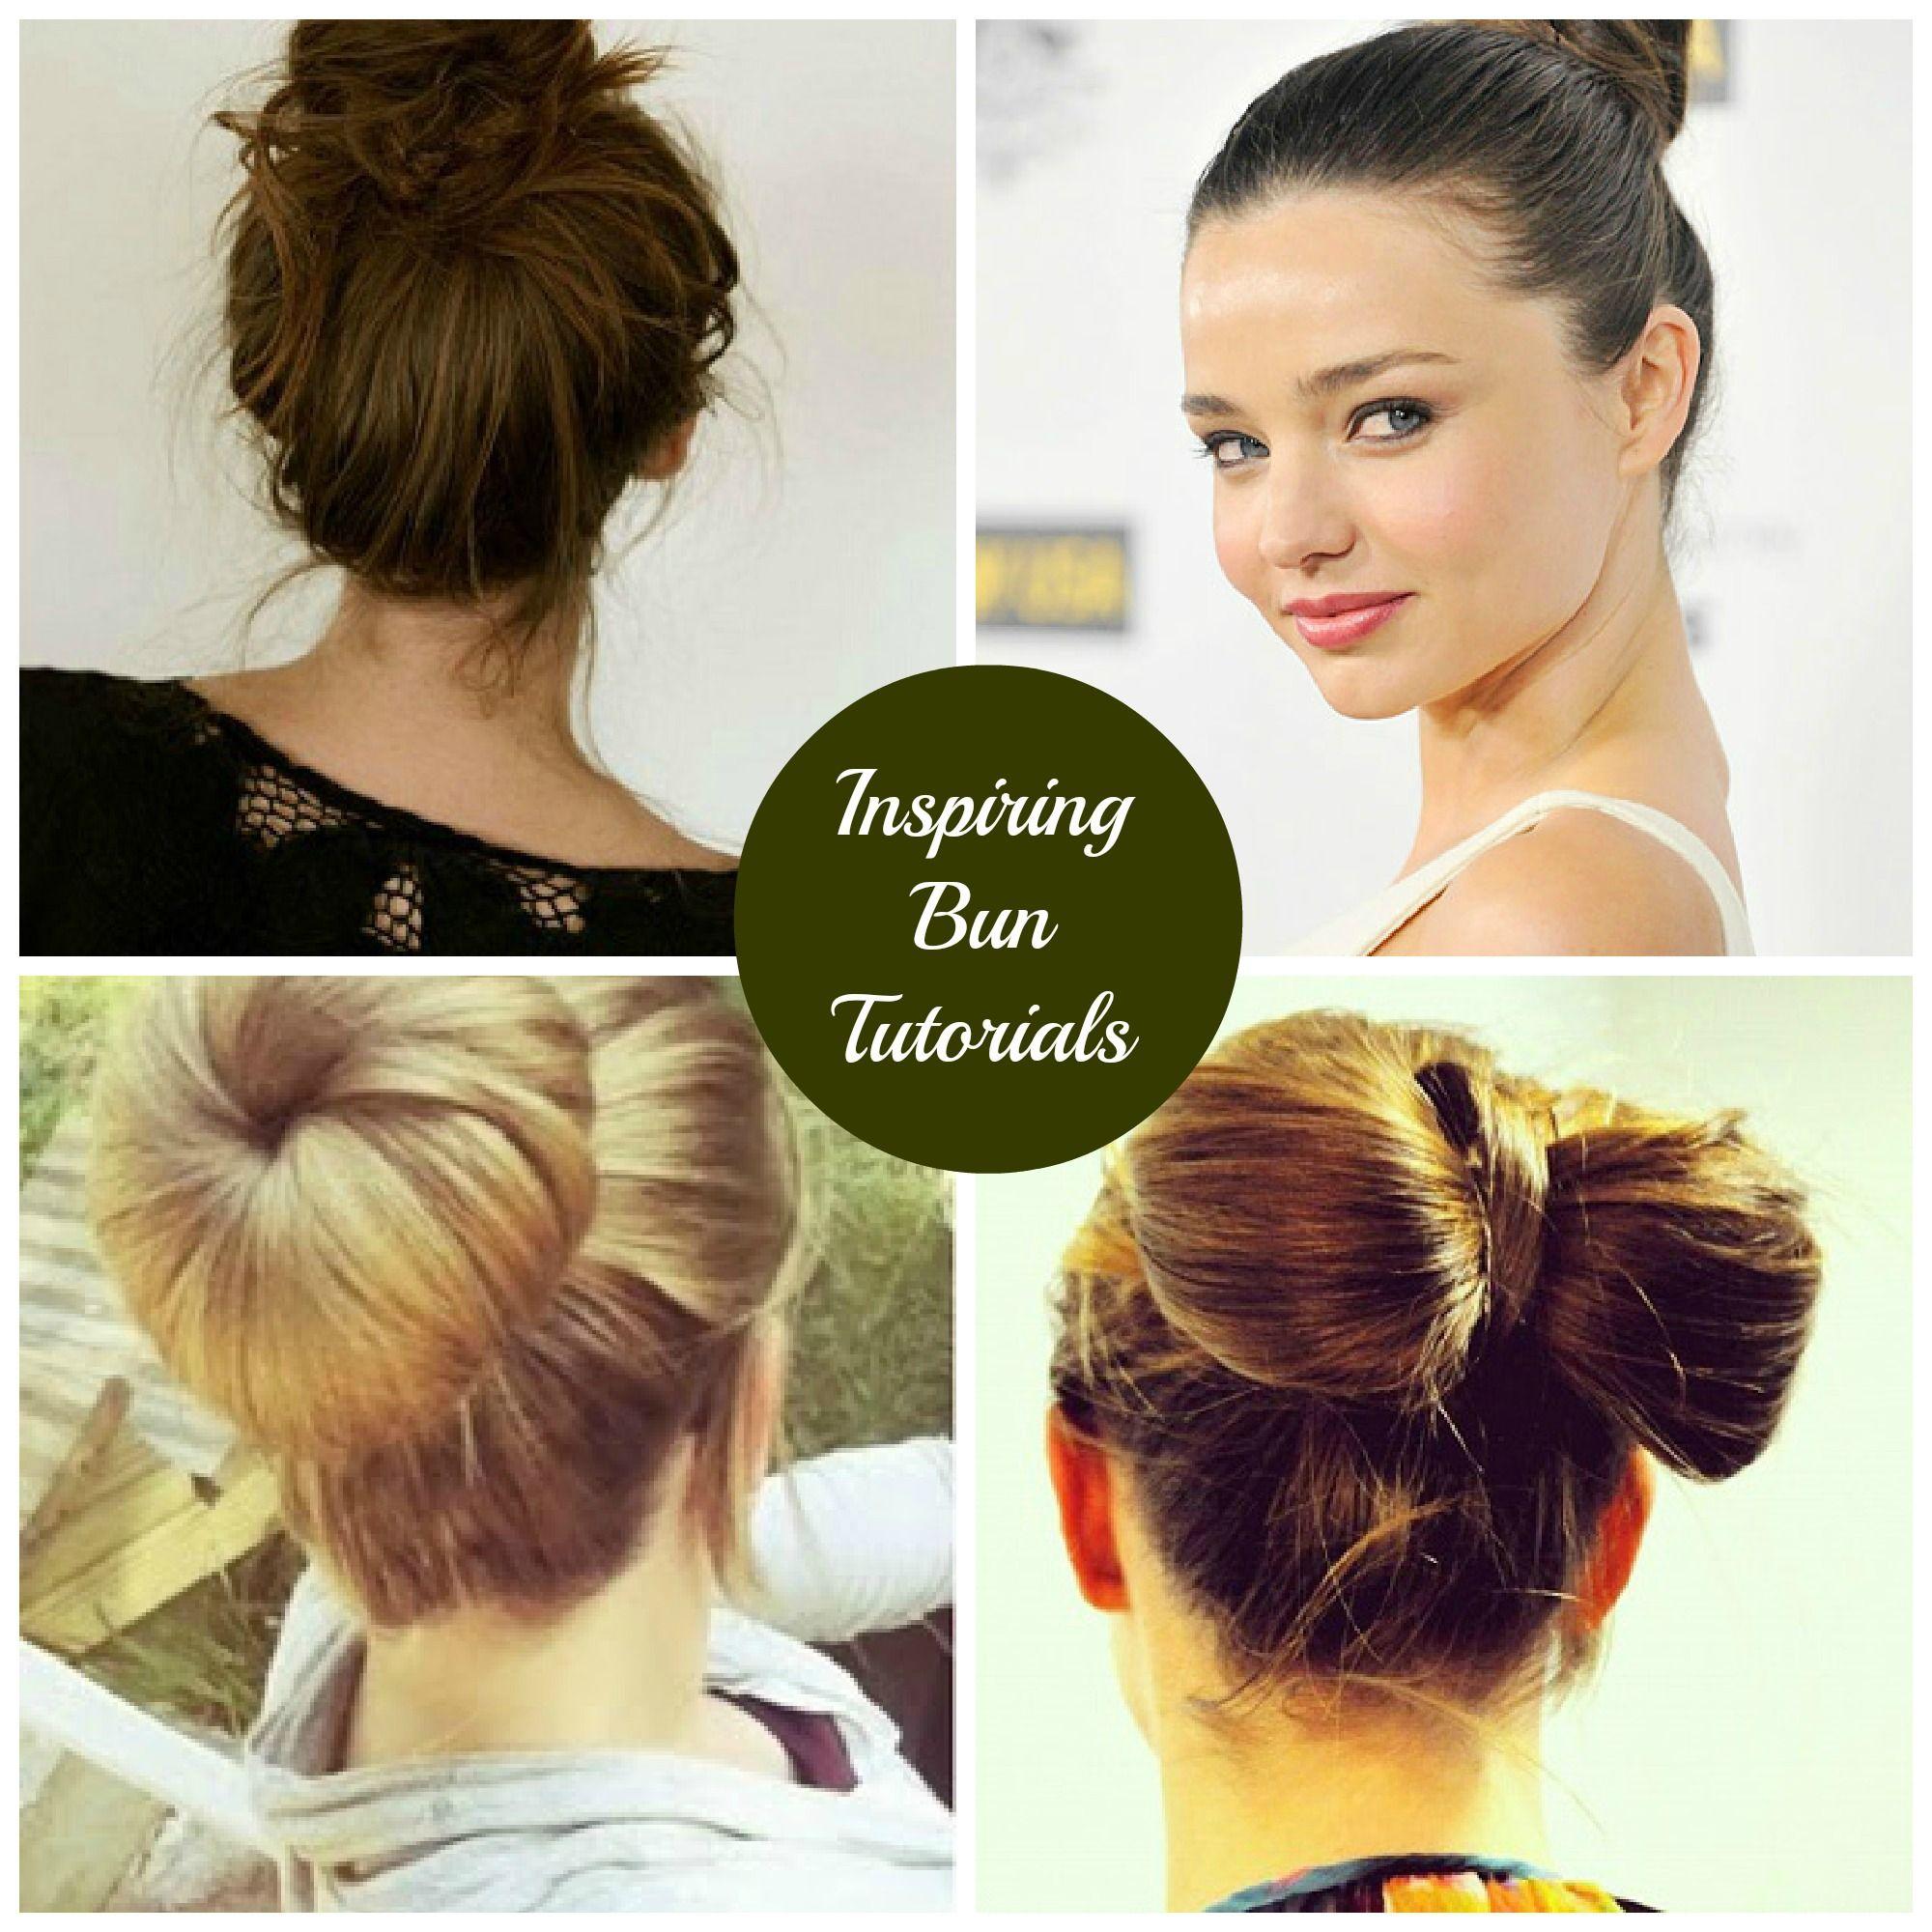 inspiring bun tutorials updo get the look and bun updo